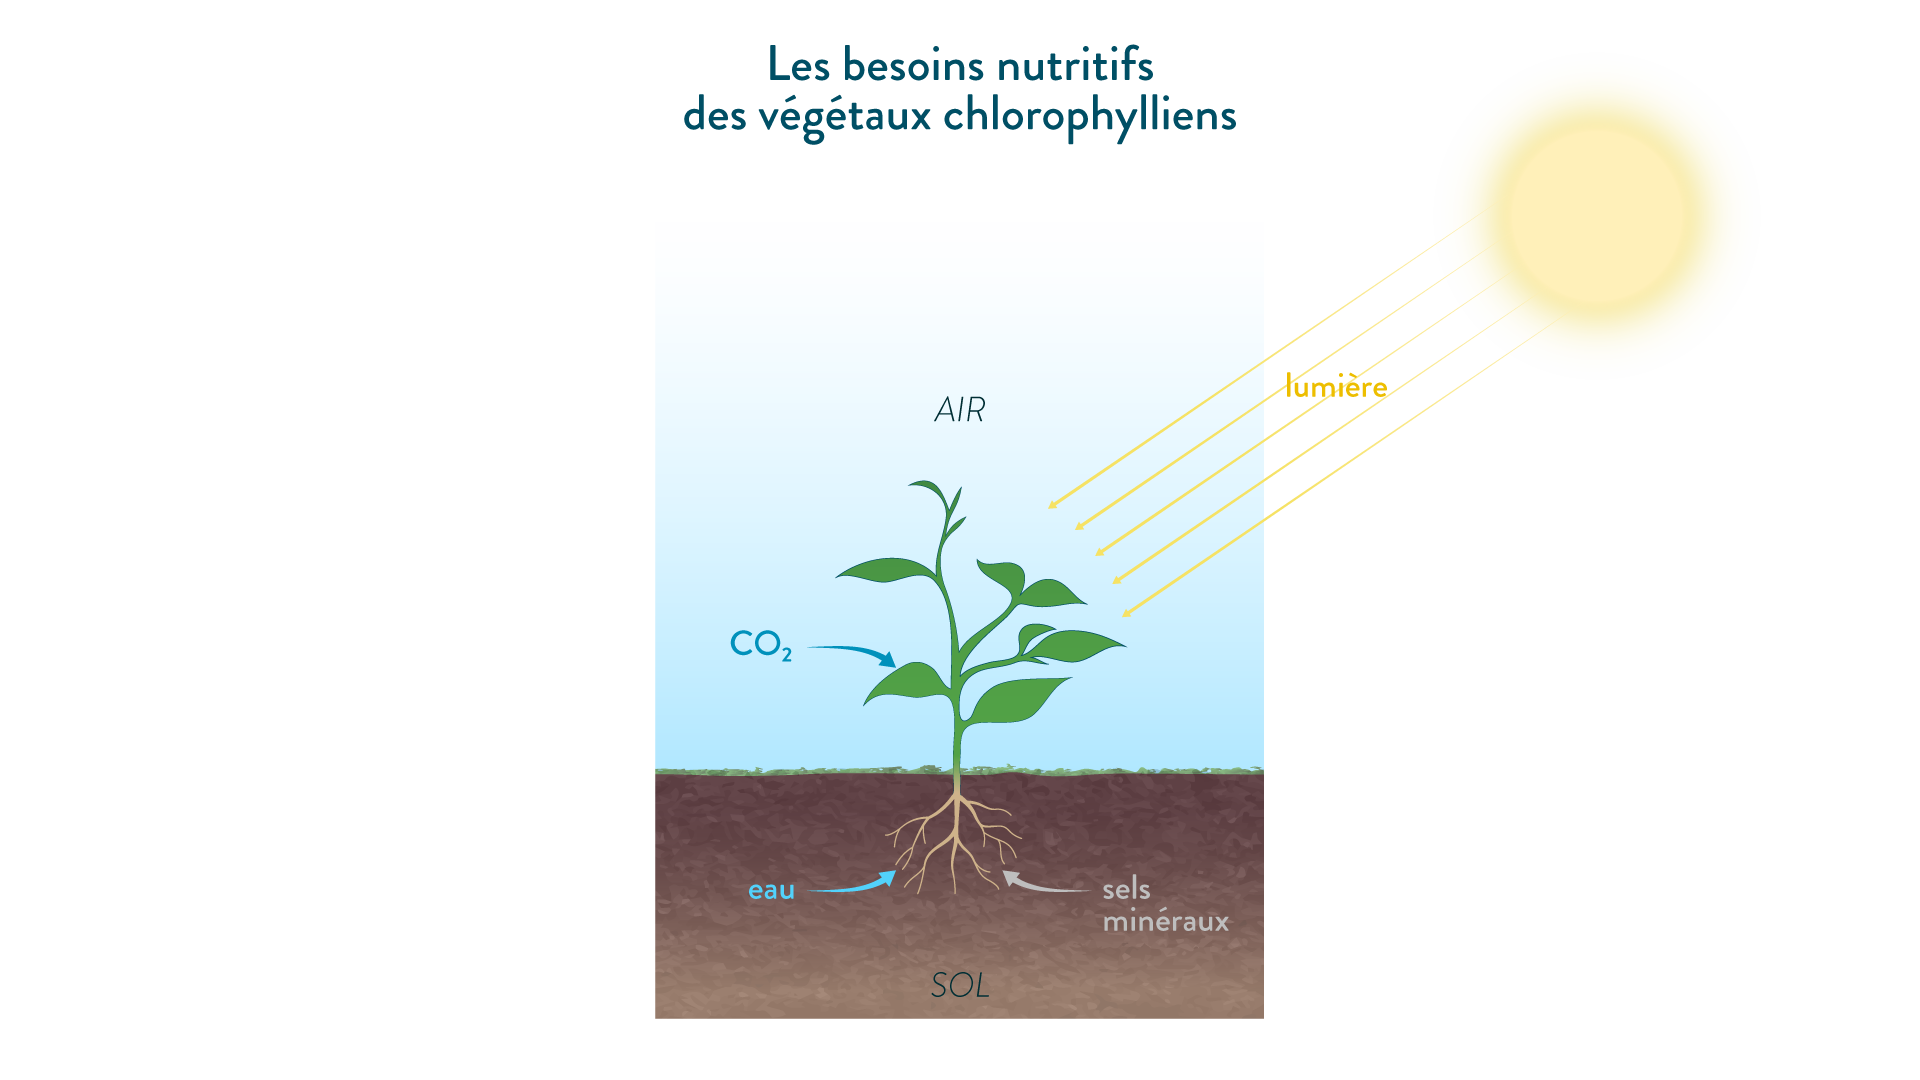 Les besoins nutritifs des végétaux chlorophylliens